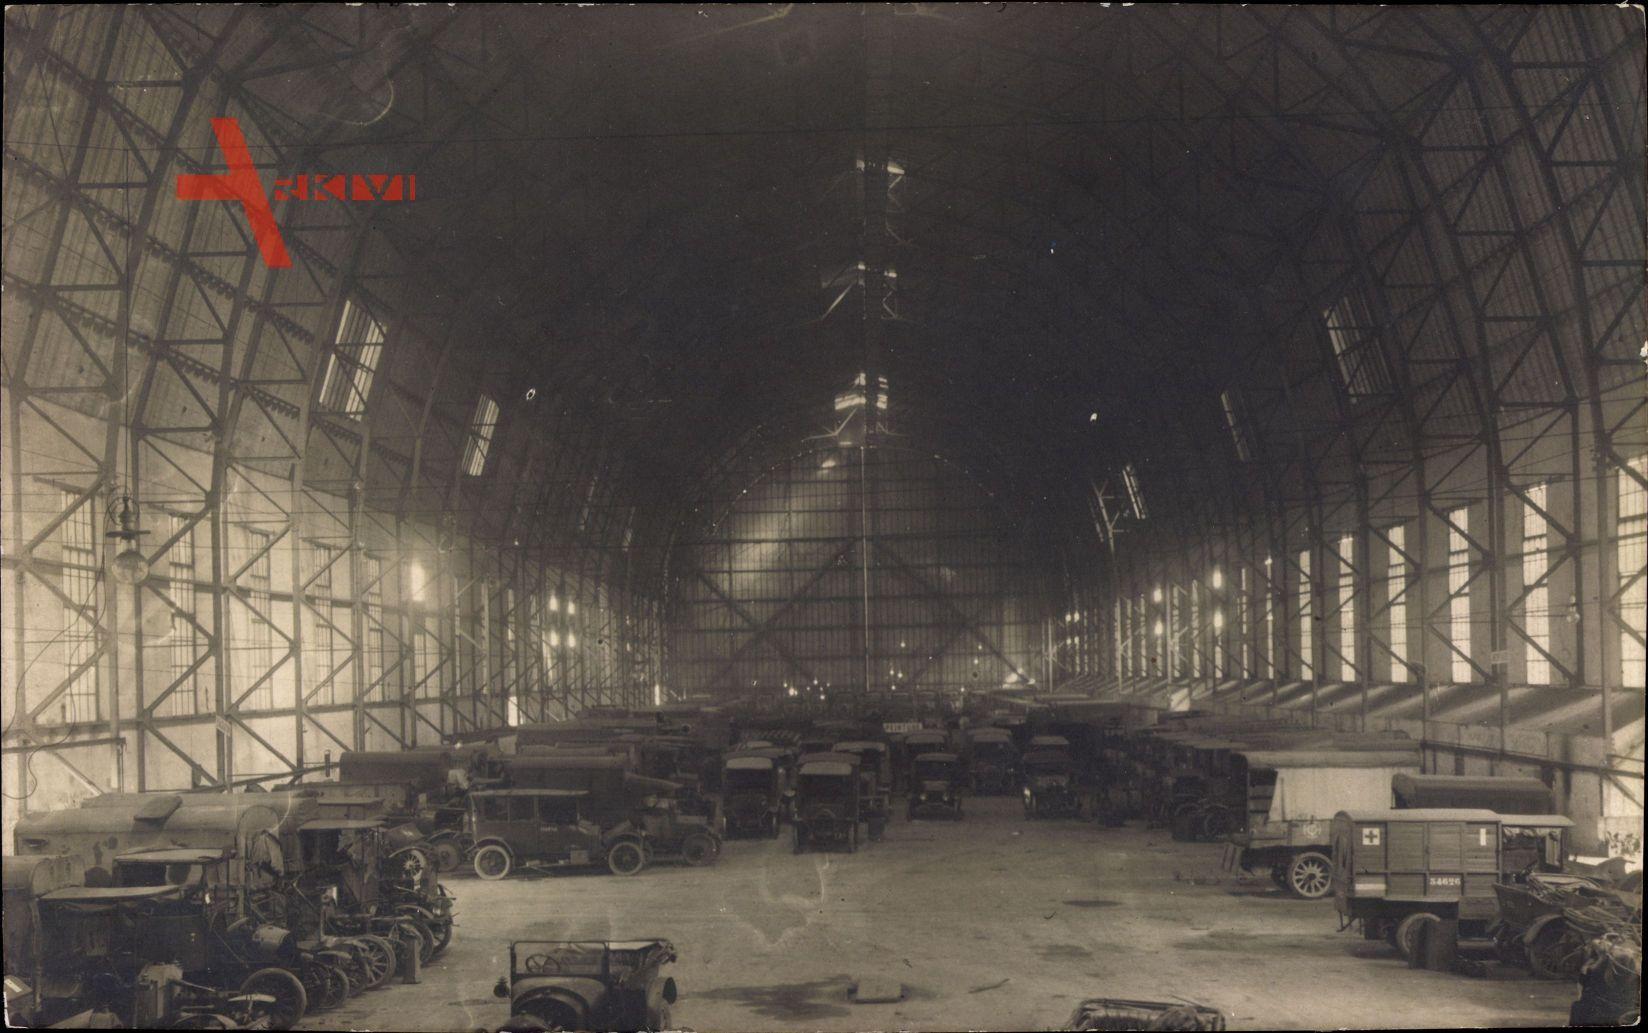 Frankreich, Zeppelinhalle, LKW, Sanitätsfahrzeuge, Militärlager